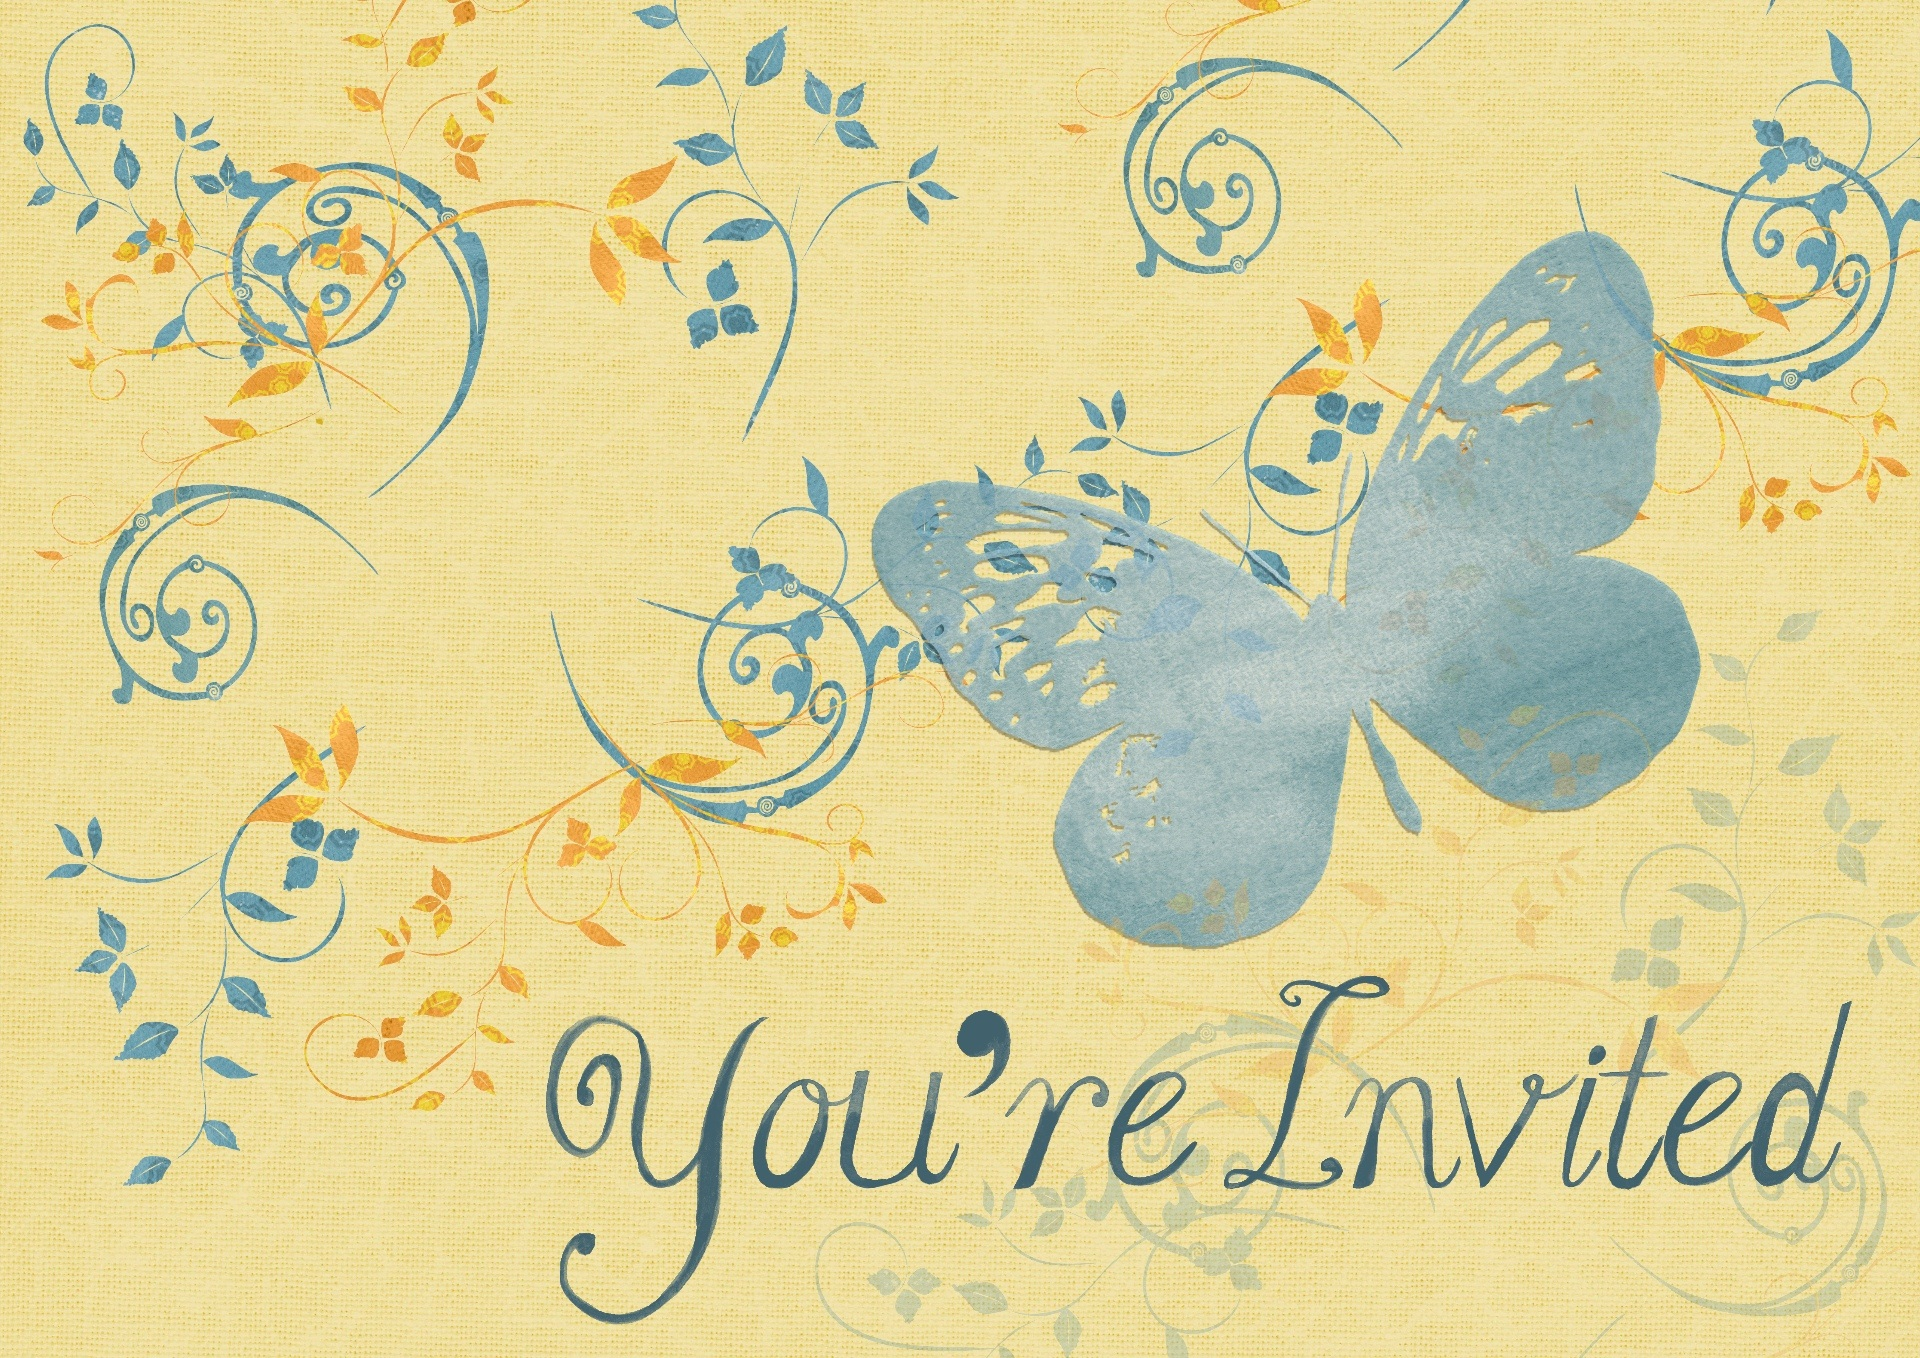 Invitation Card, Card, Graphics, Invitation, Paper, HQ Photo